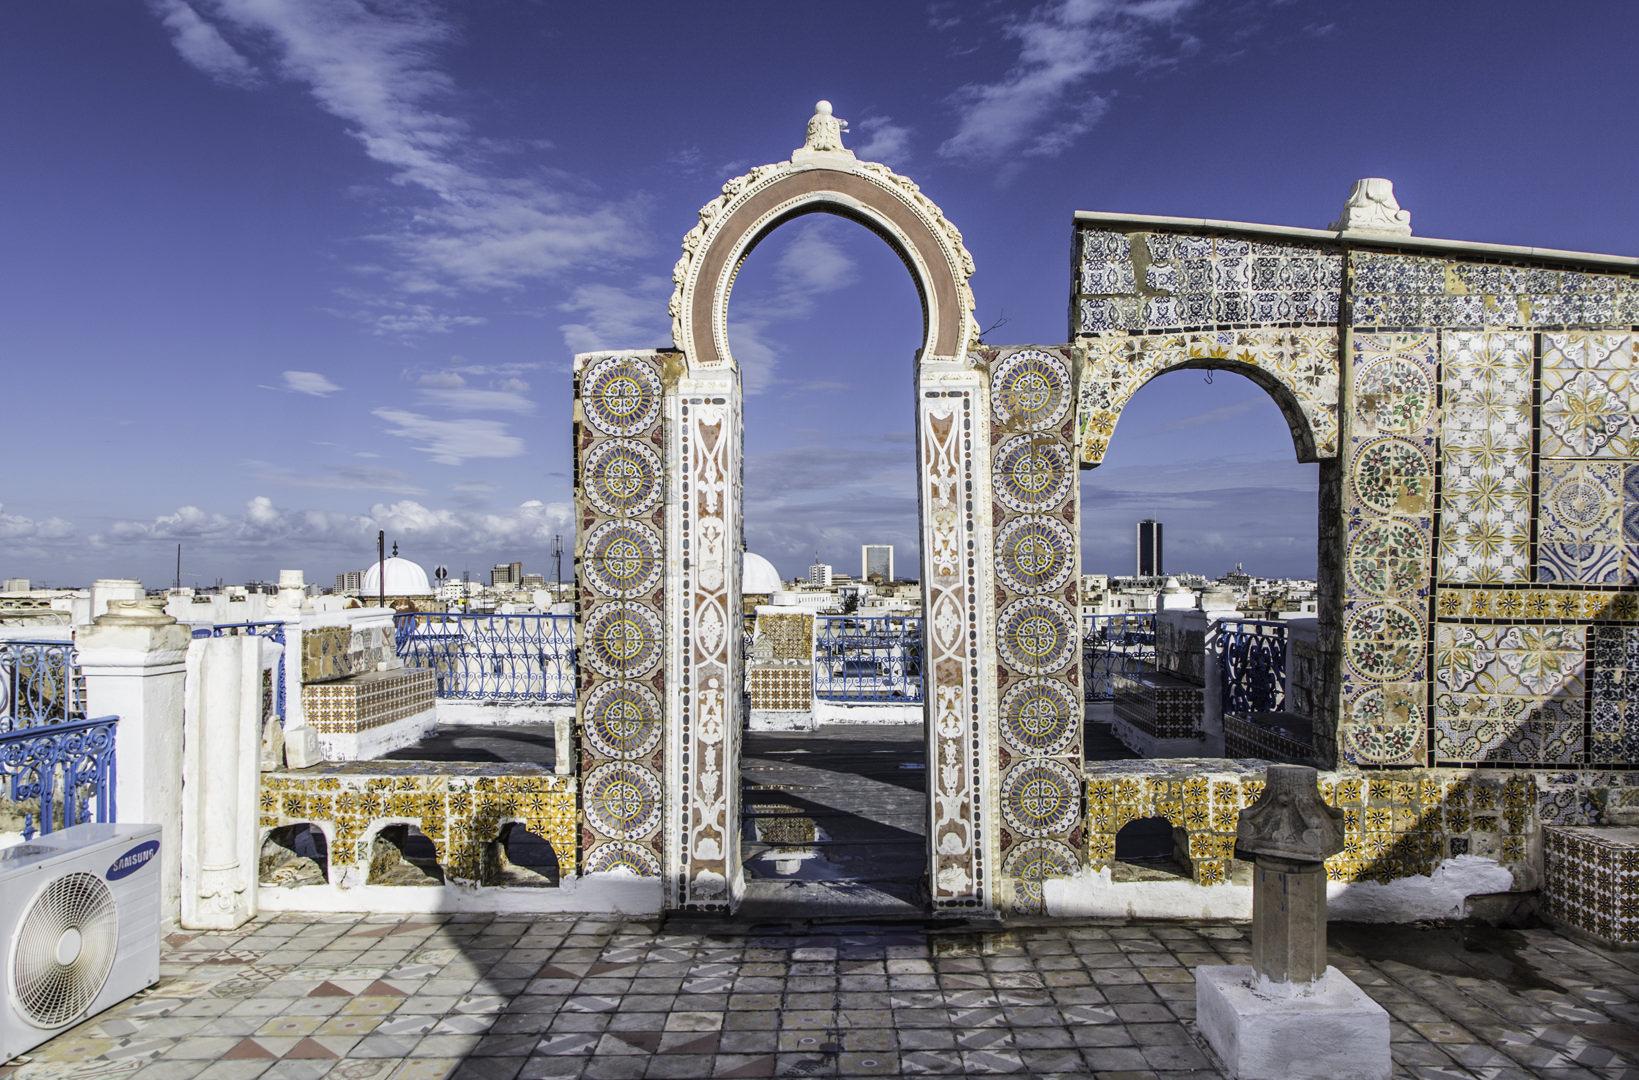 Prossima Fermata: Tunisia | A Gipsy in the Kitchen